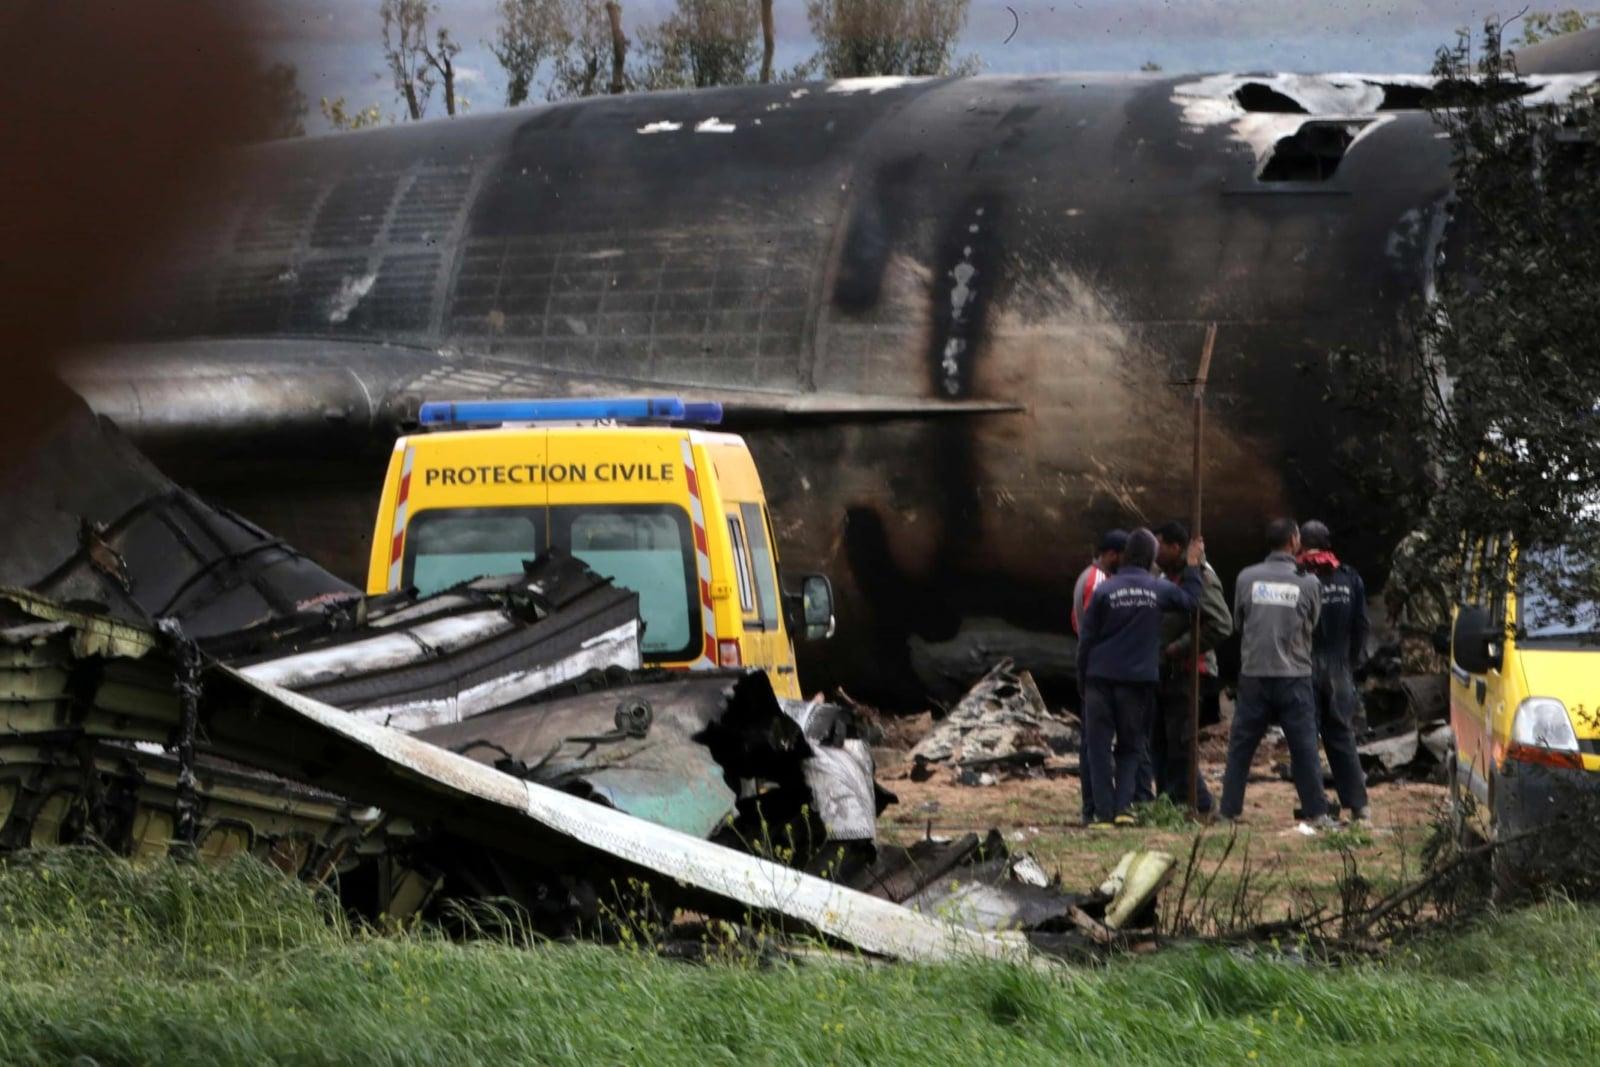 Wrak wojskowego samolotu transportowego, który rozbił się w Boufarik, około 30 km na południe od stolicy Algierii. Zginęło conajmniej 257 osób, fot. EPA/STR